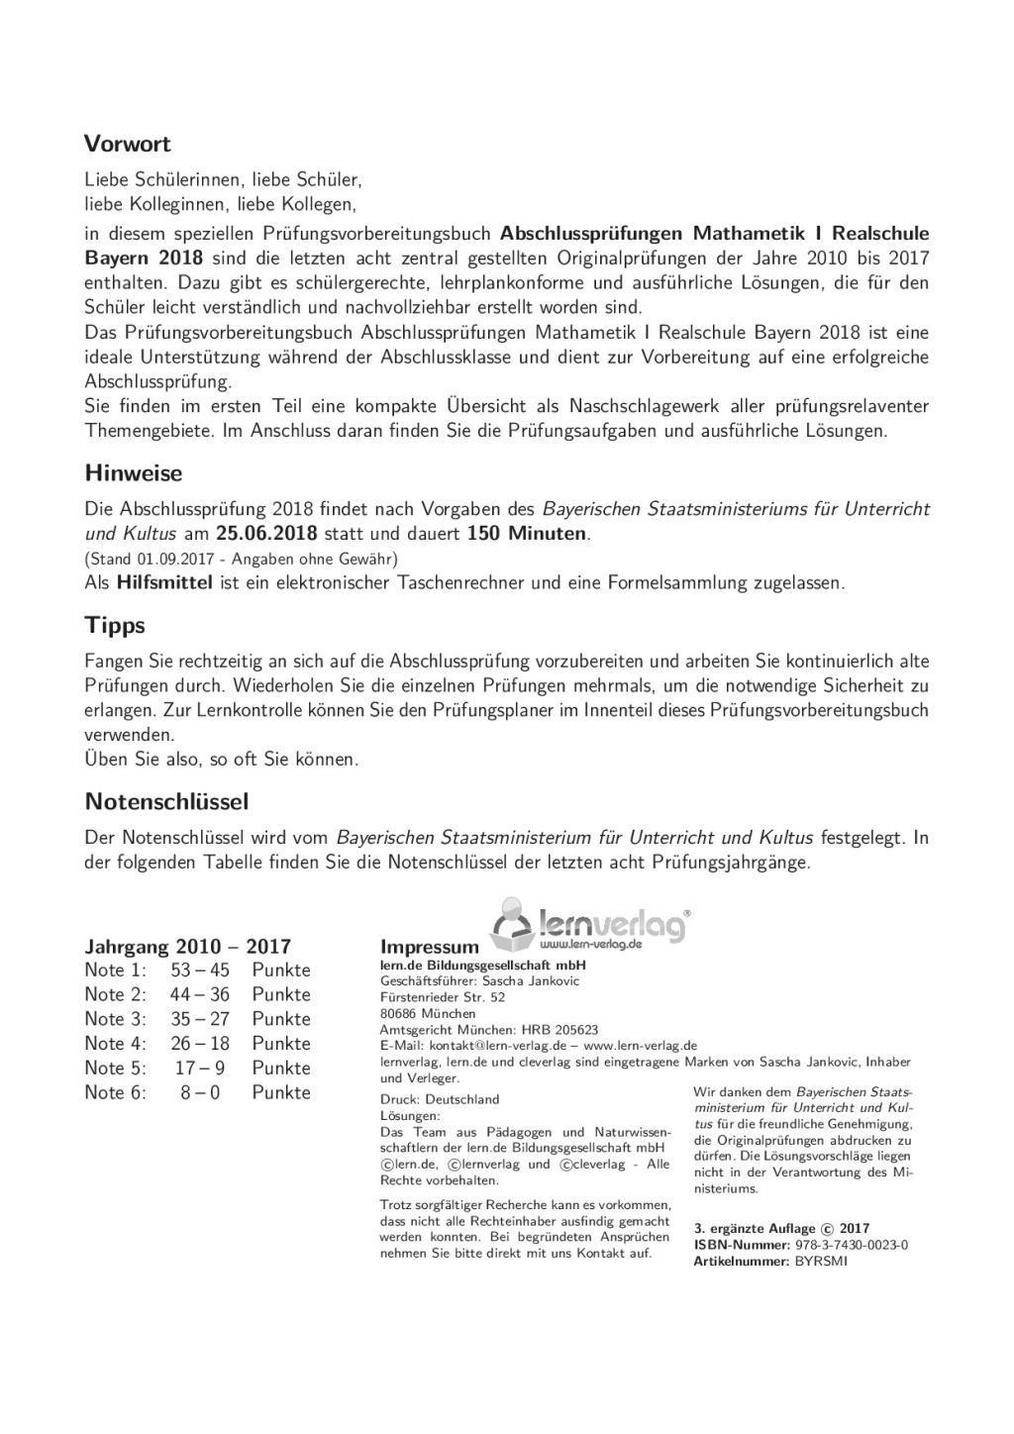 mathe abschlussprüfung realschule bayern 2019